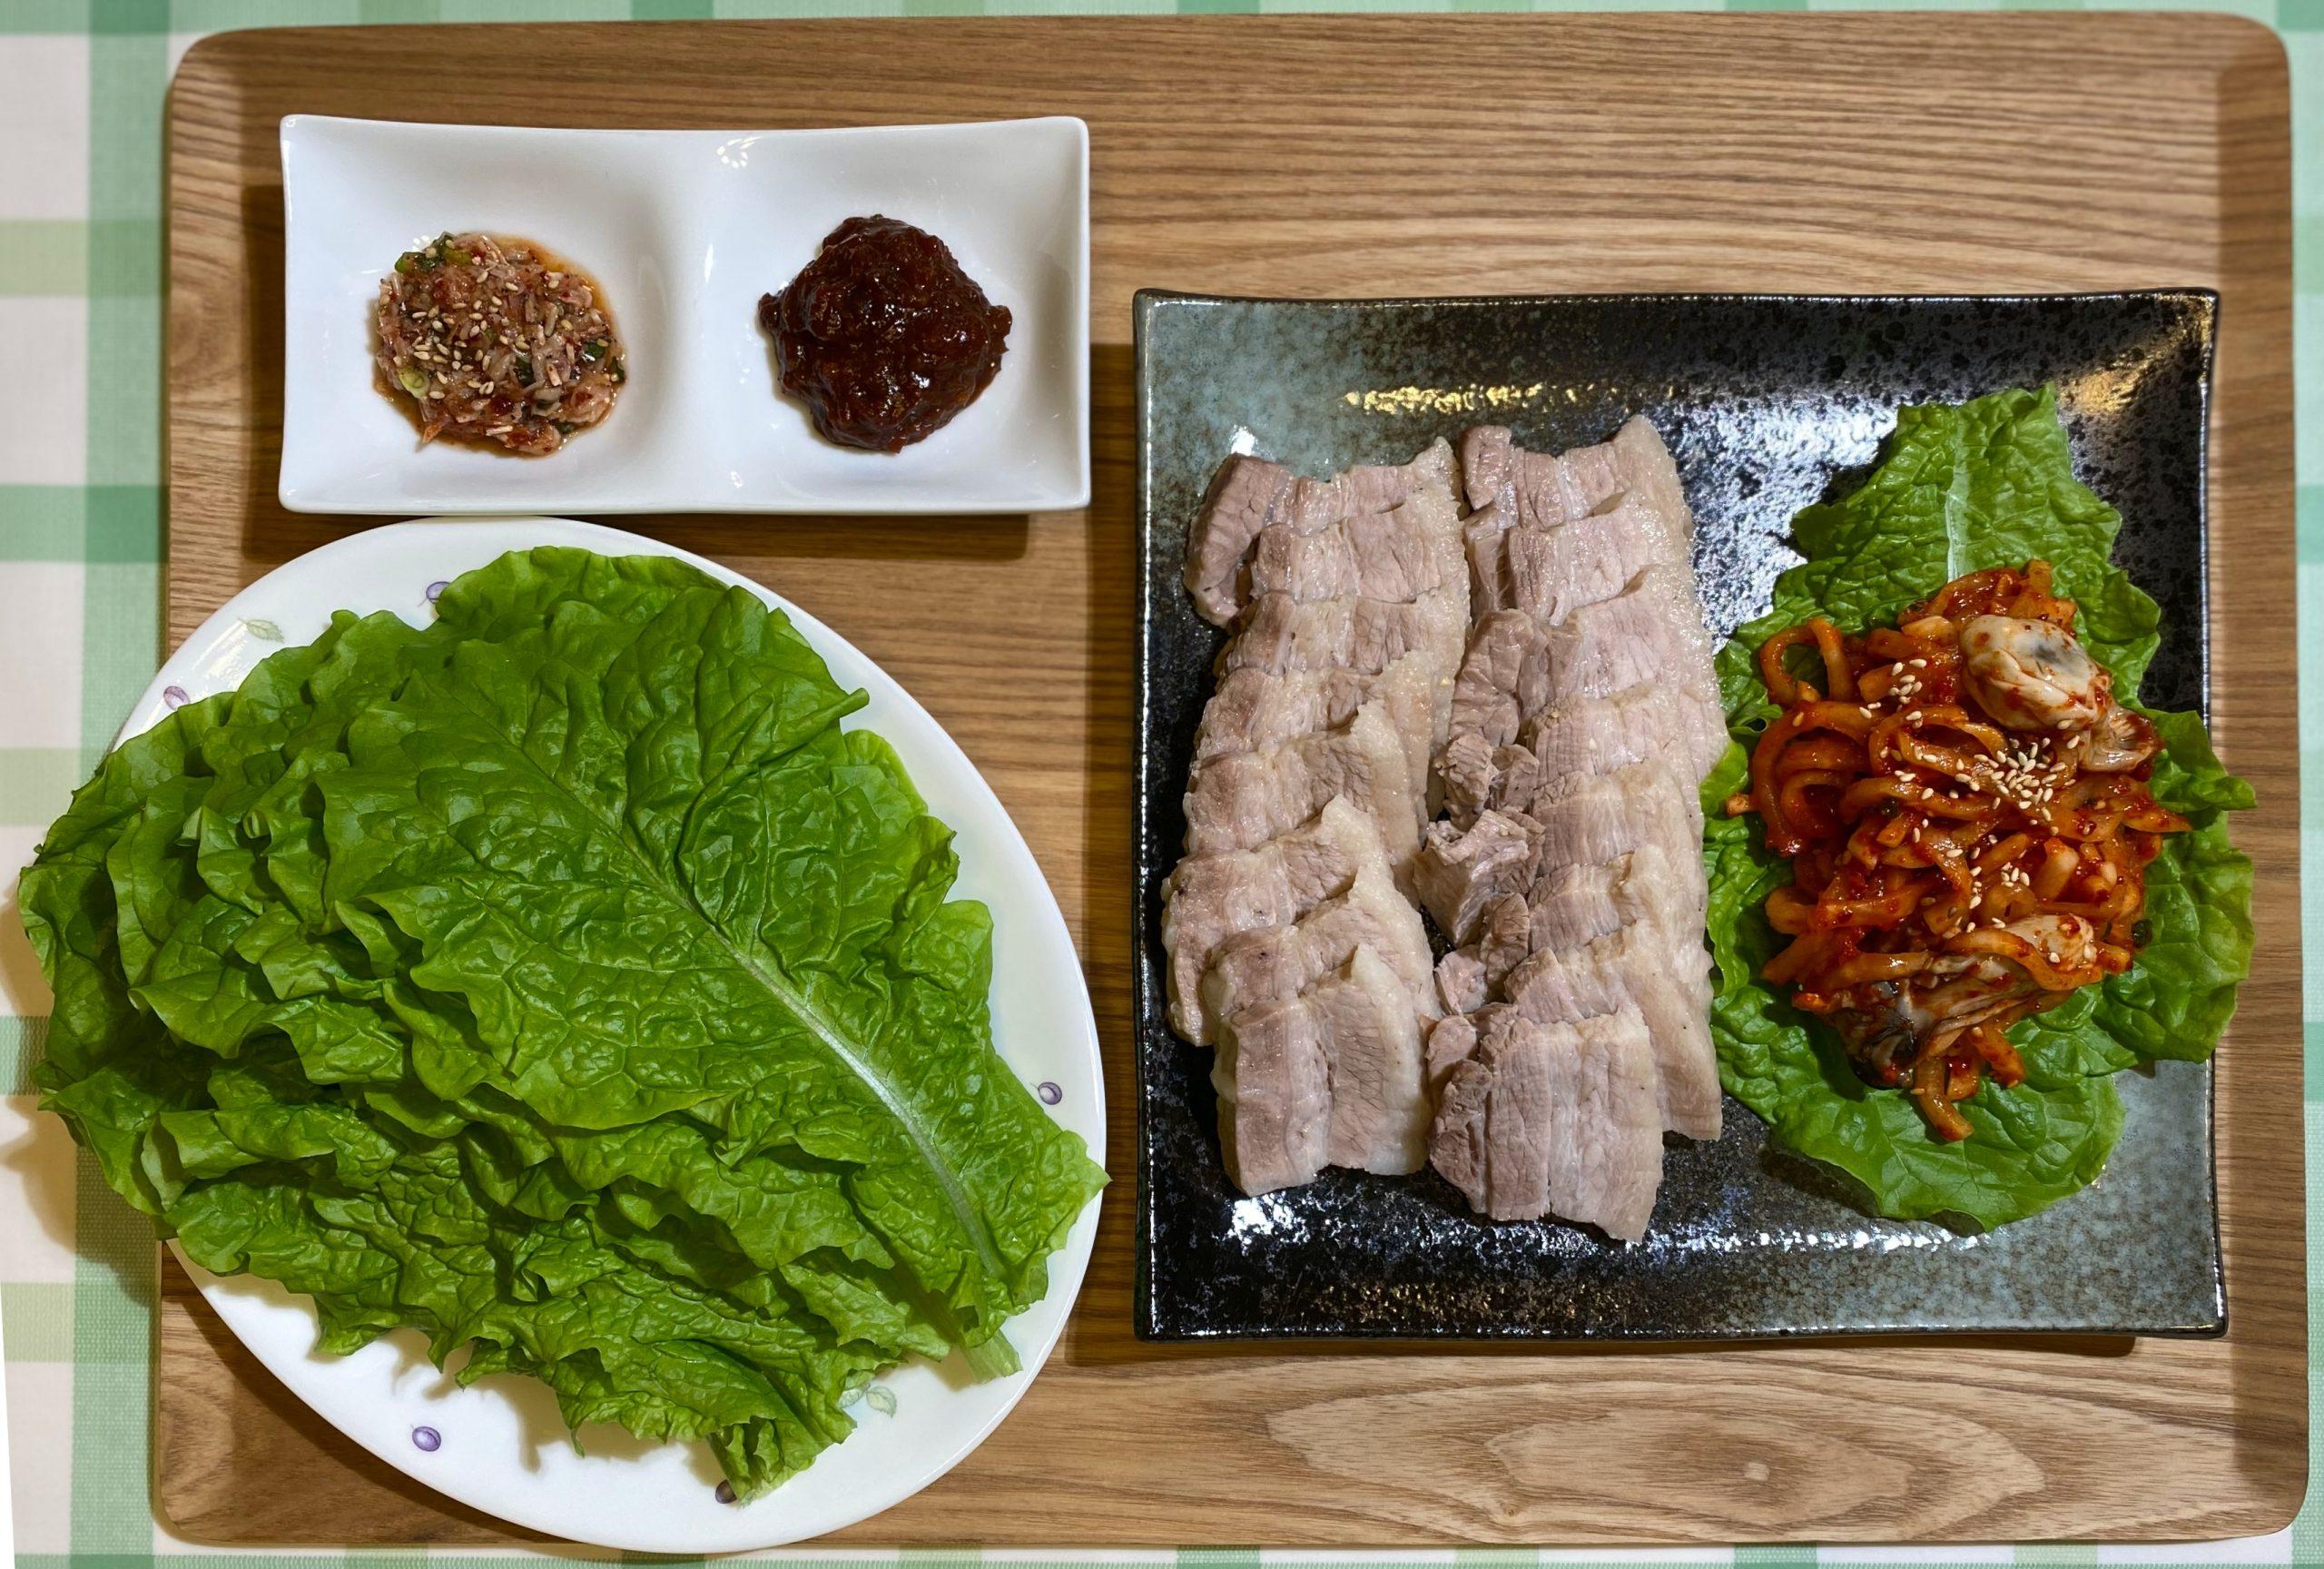 Olive家の簡単レシピ | 韓国料理 ボッサム